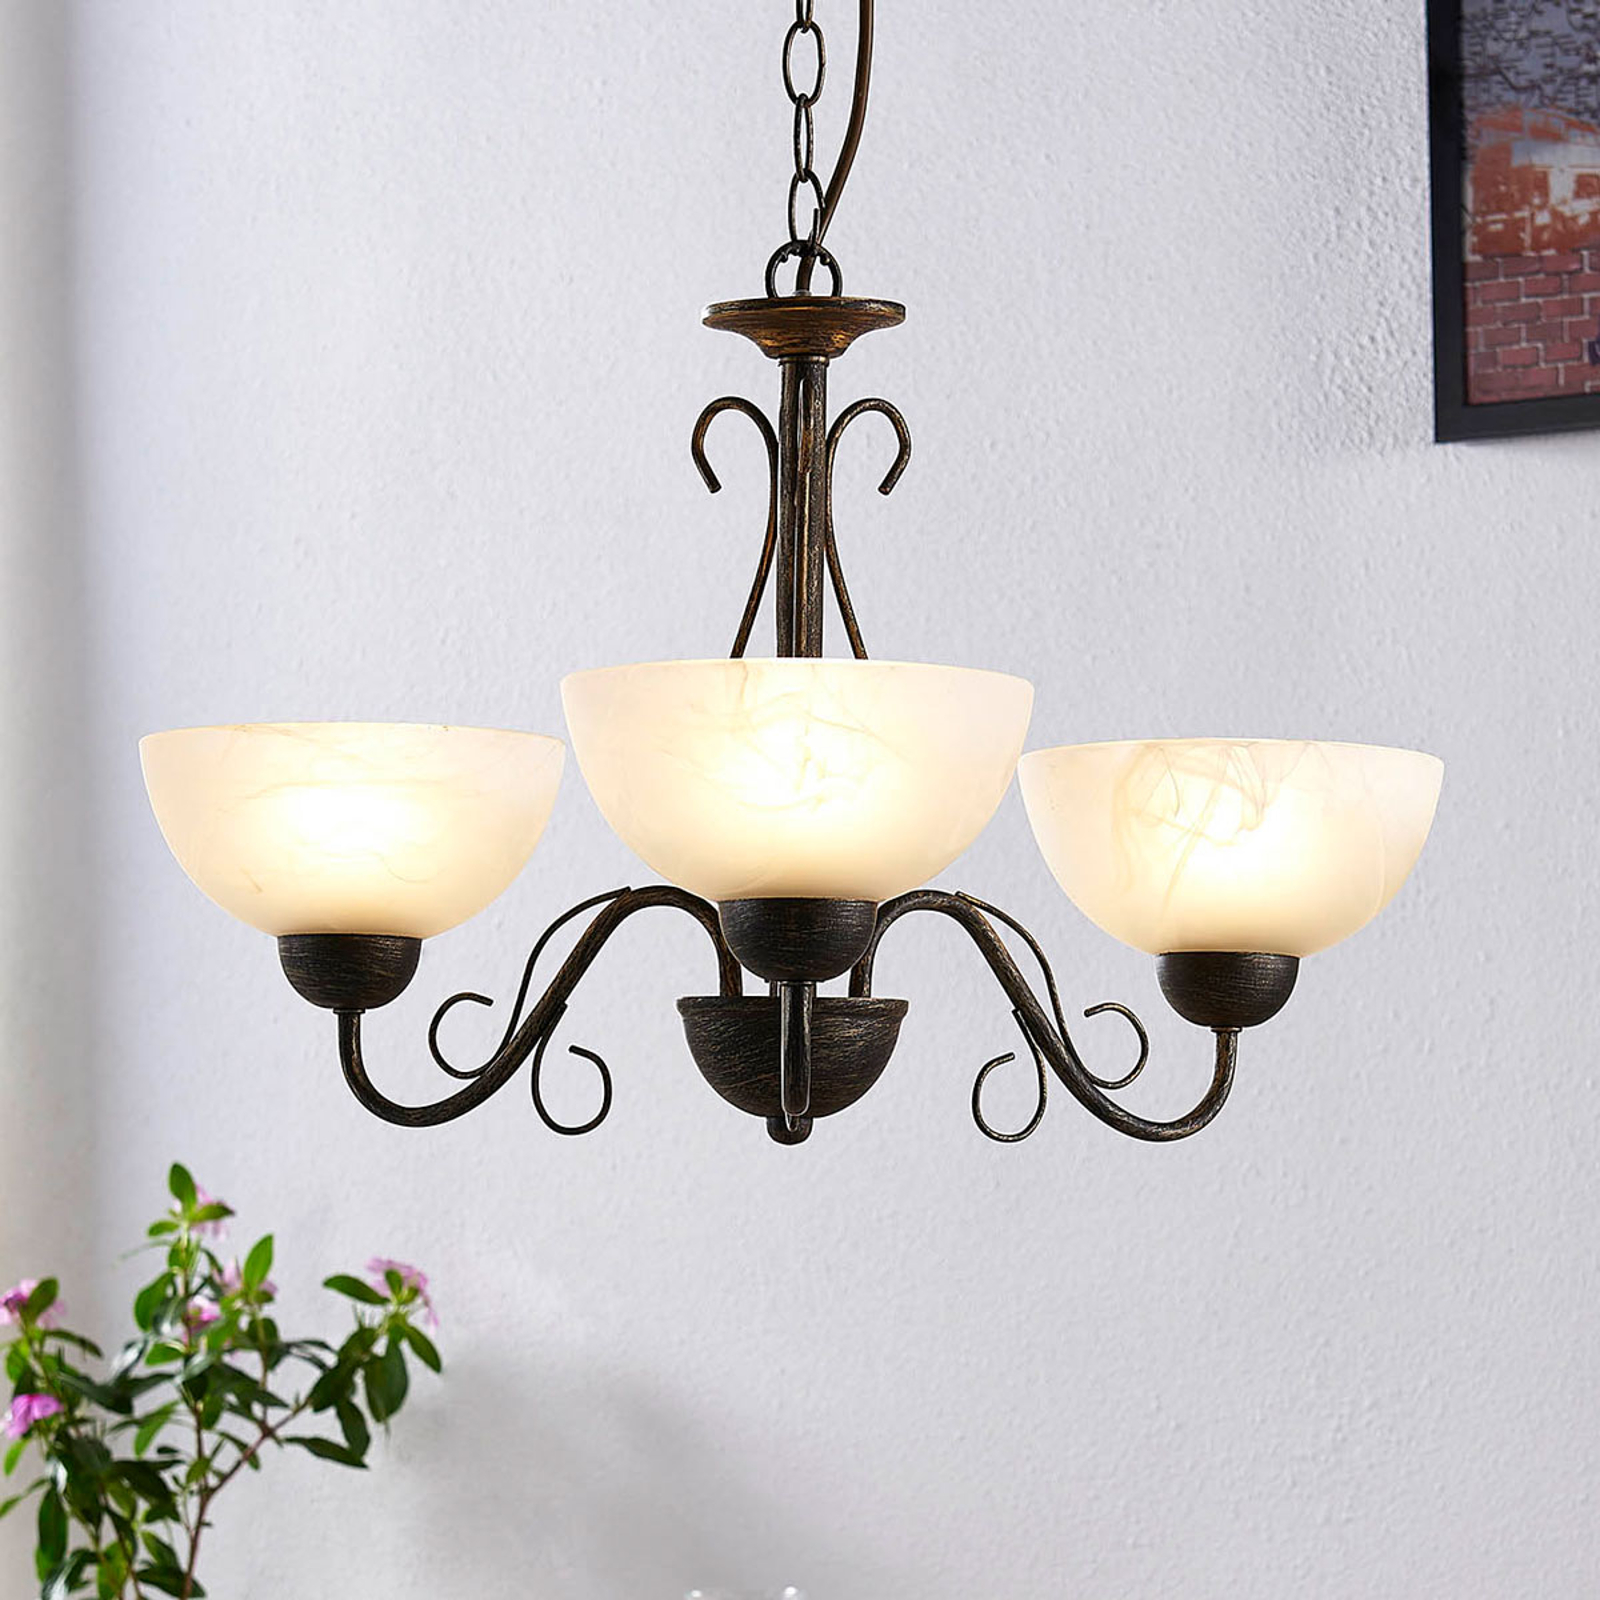 Mohija - romanttinen riippuvalaisin, 3-lampp.